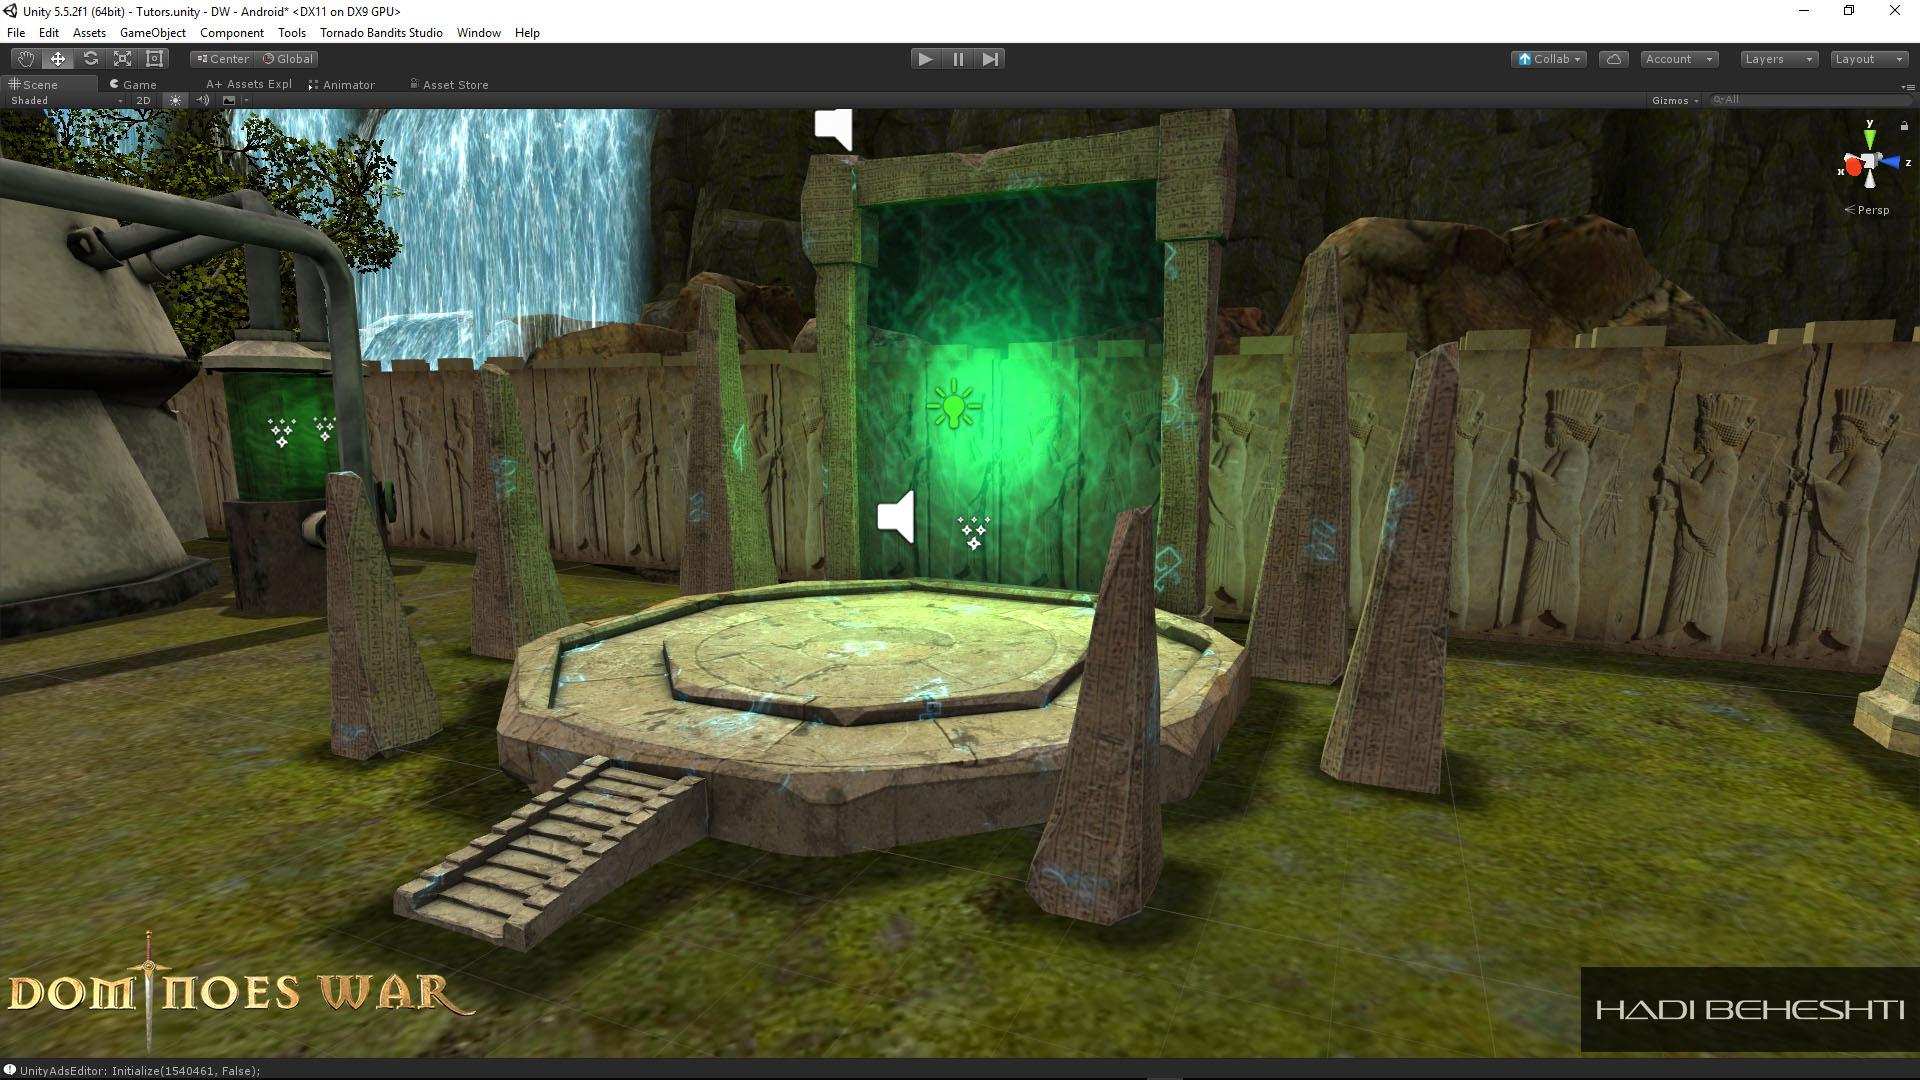 Dominoes War Game Hadi Beheshti CG Artist-2